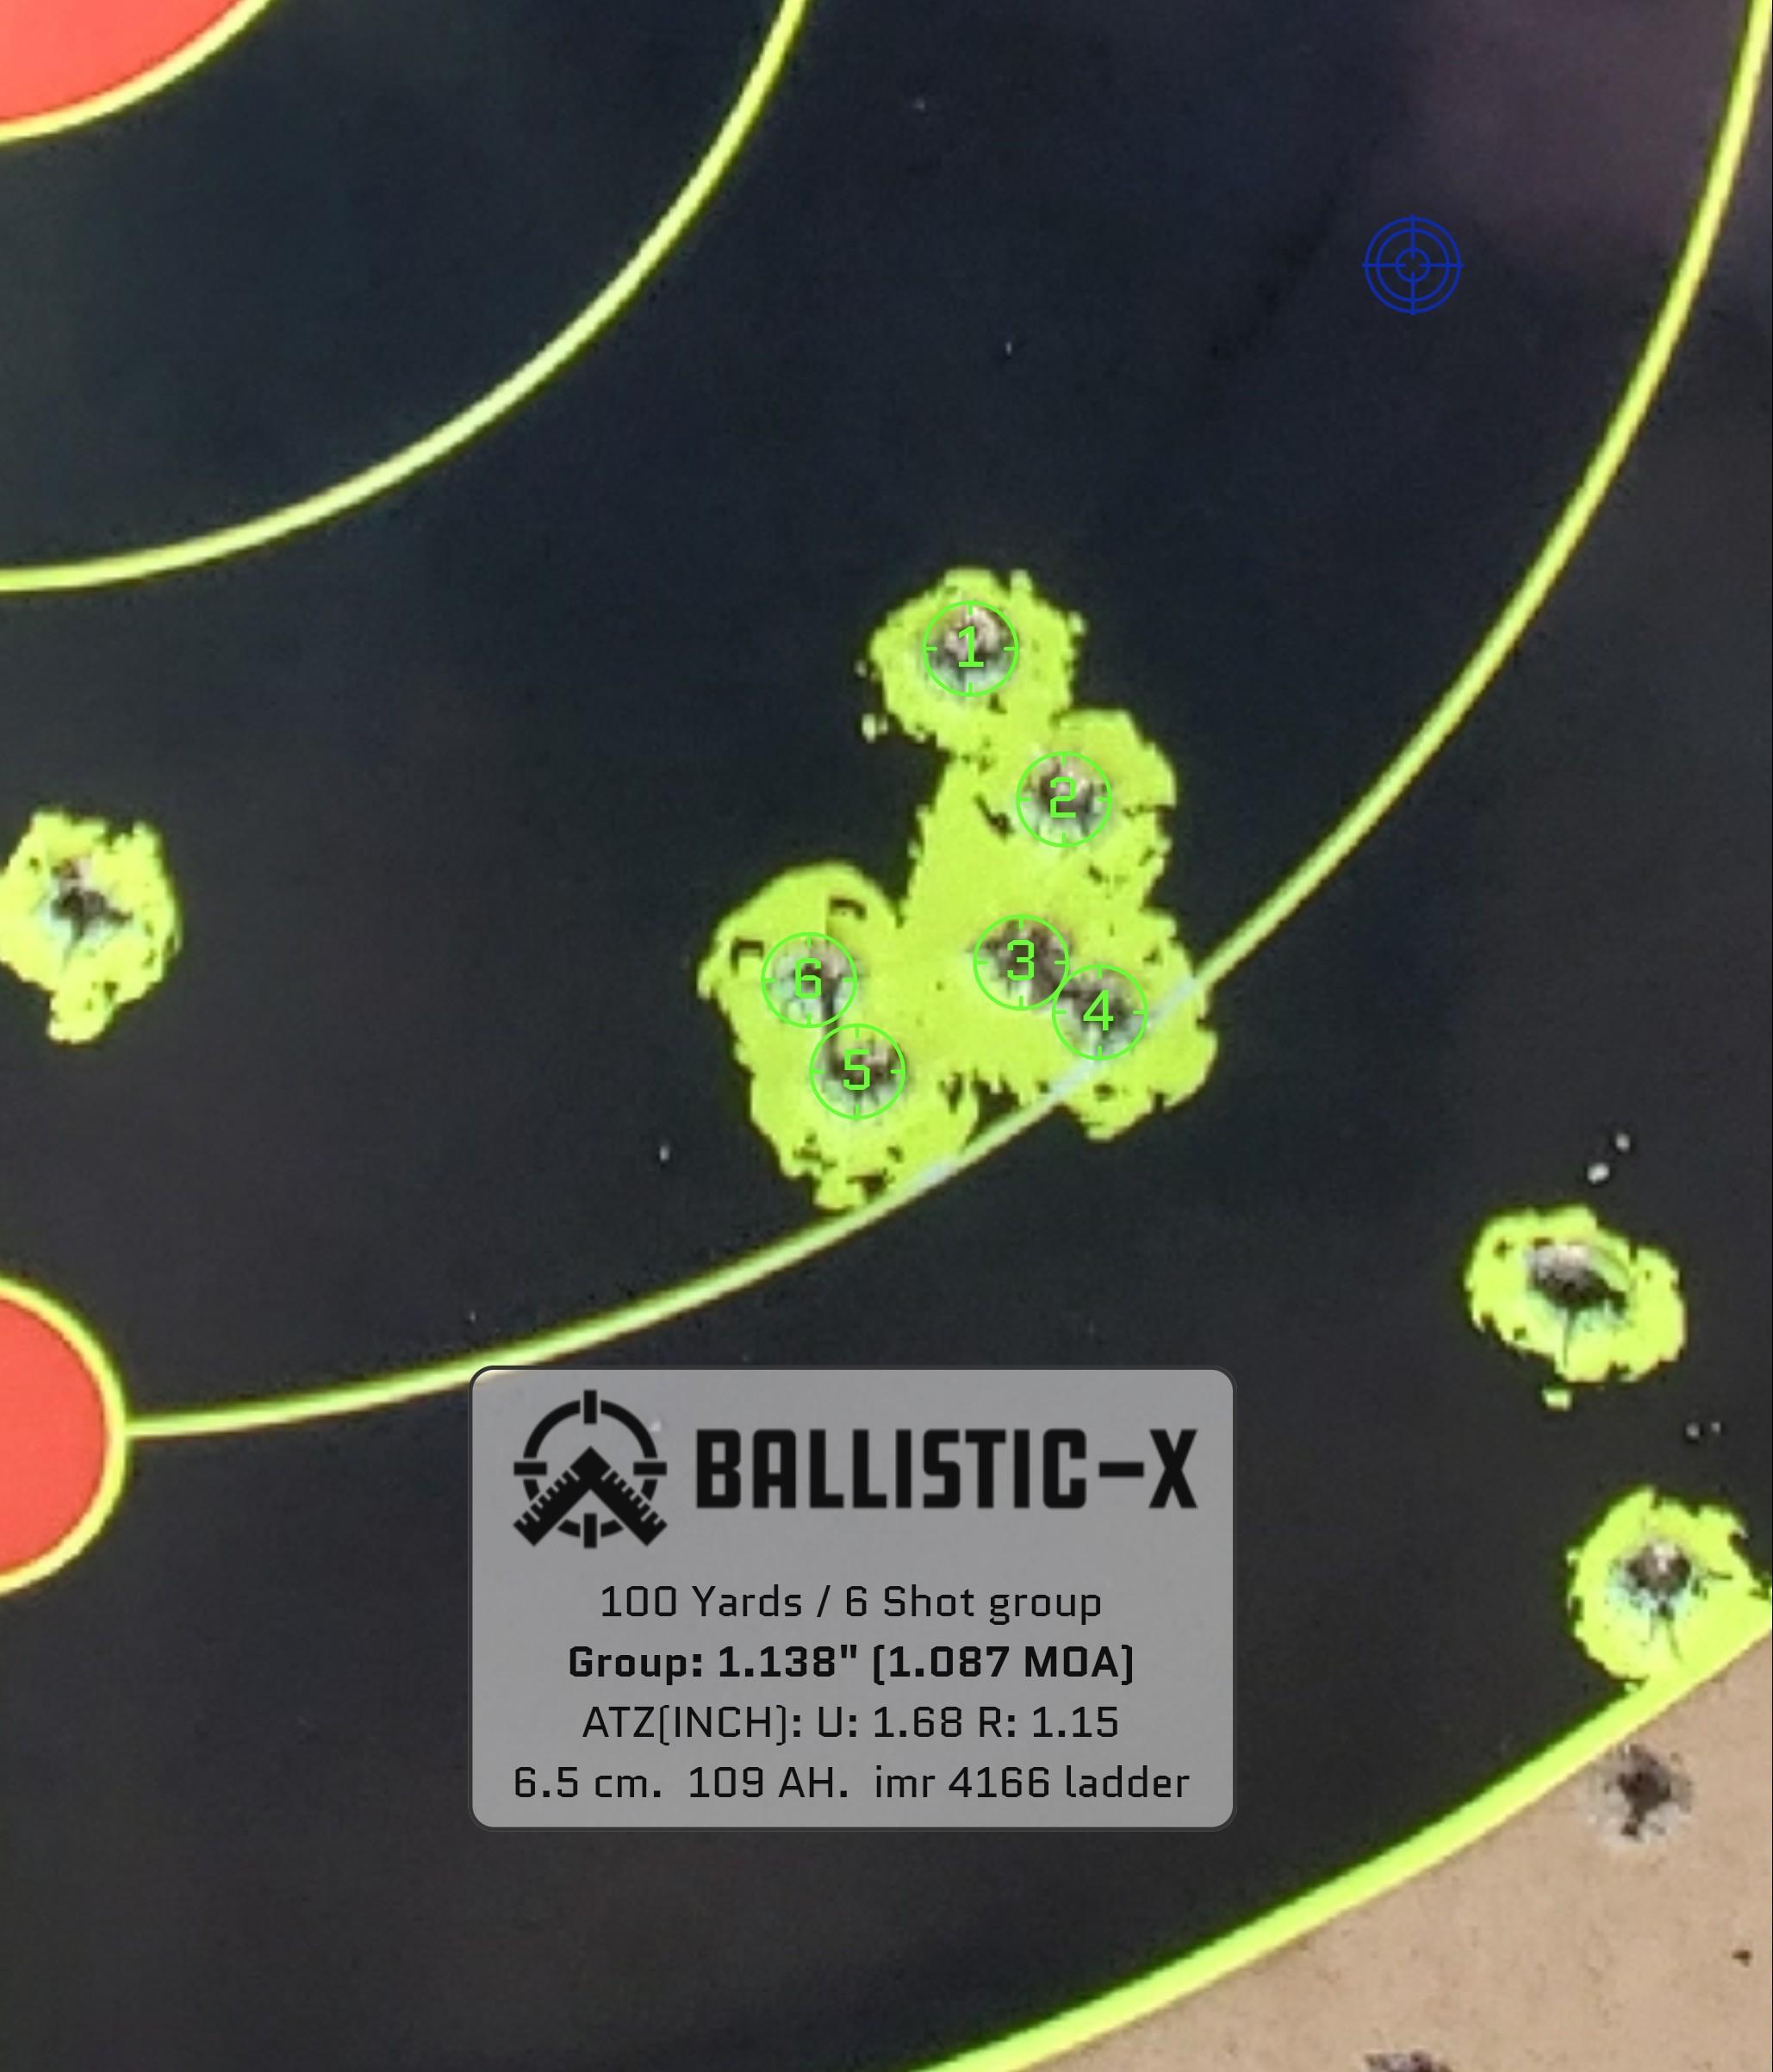 Ballistic-X-Export-2021-05-26 12:46:22.681605.jpg